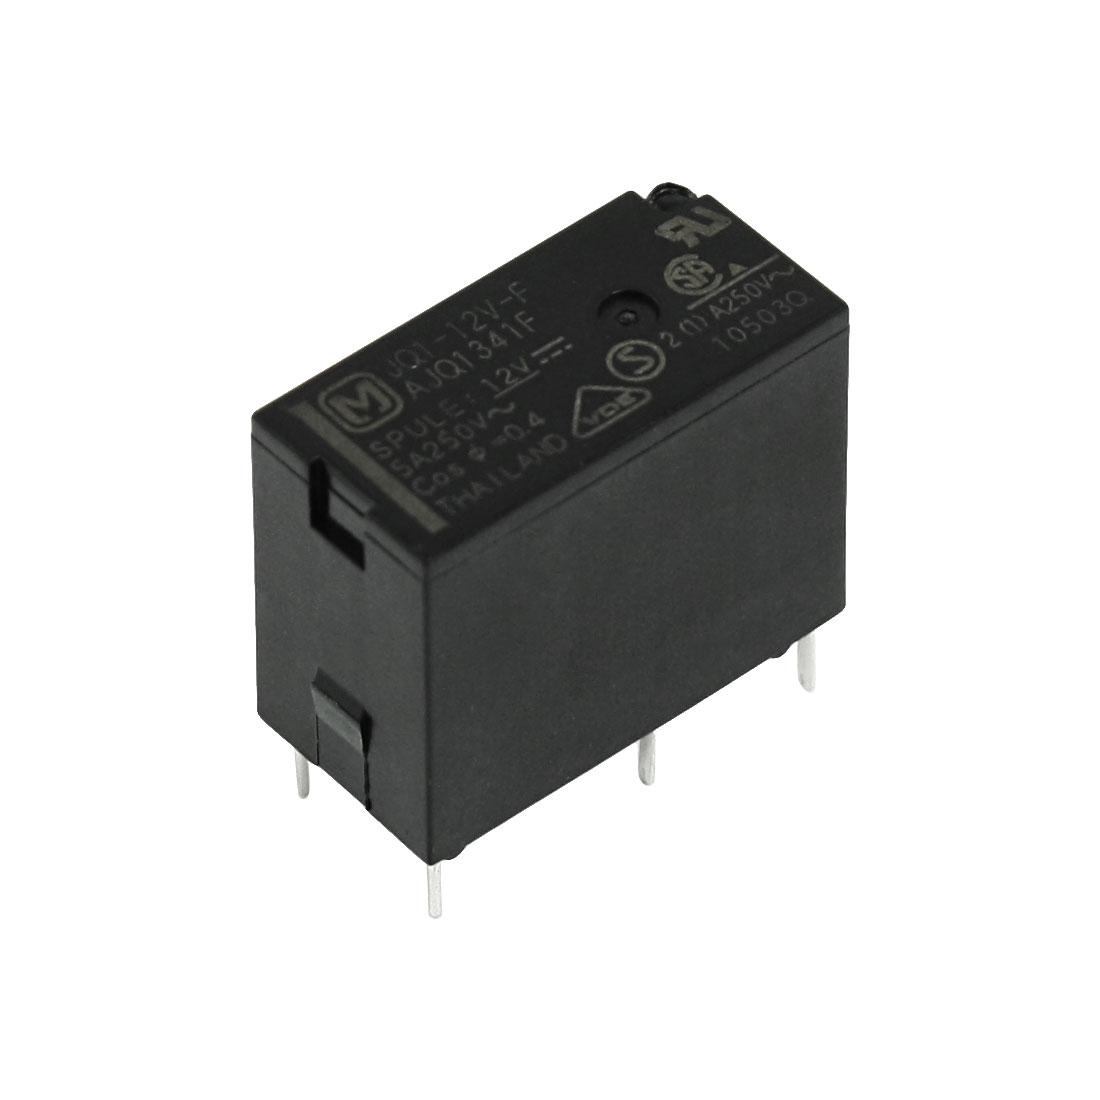 Coil Voltage DC 12V 5A Mini Power Relay JQ1-12V-F Black